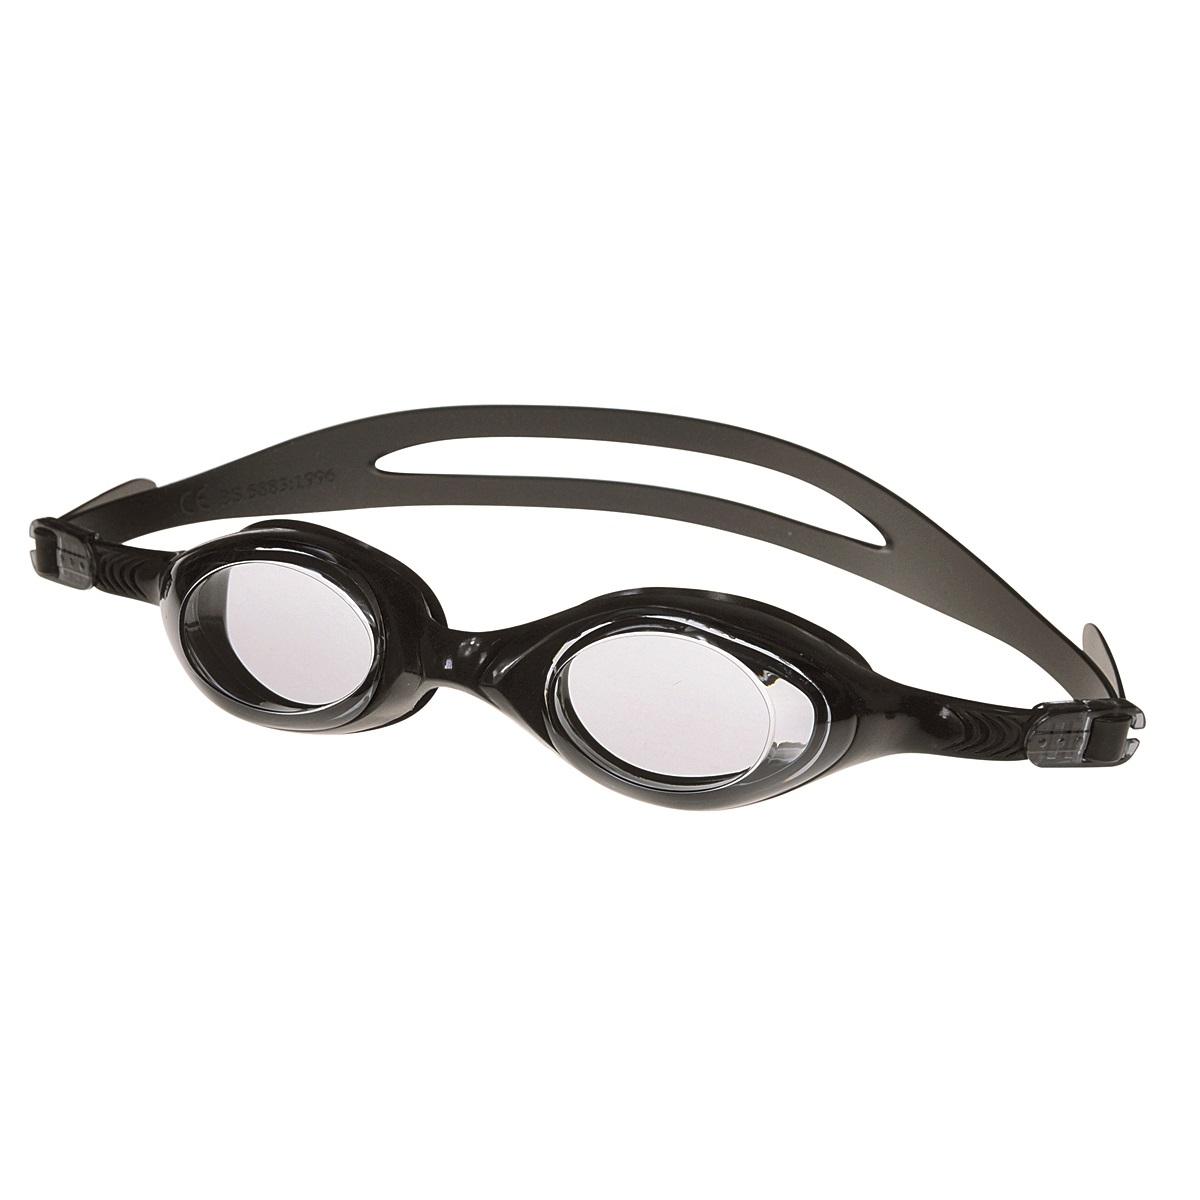 Dětské plavecké brýle Z-Ray 514 - černé